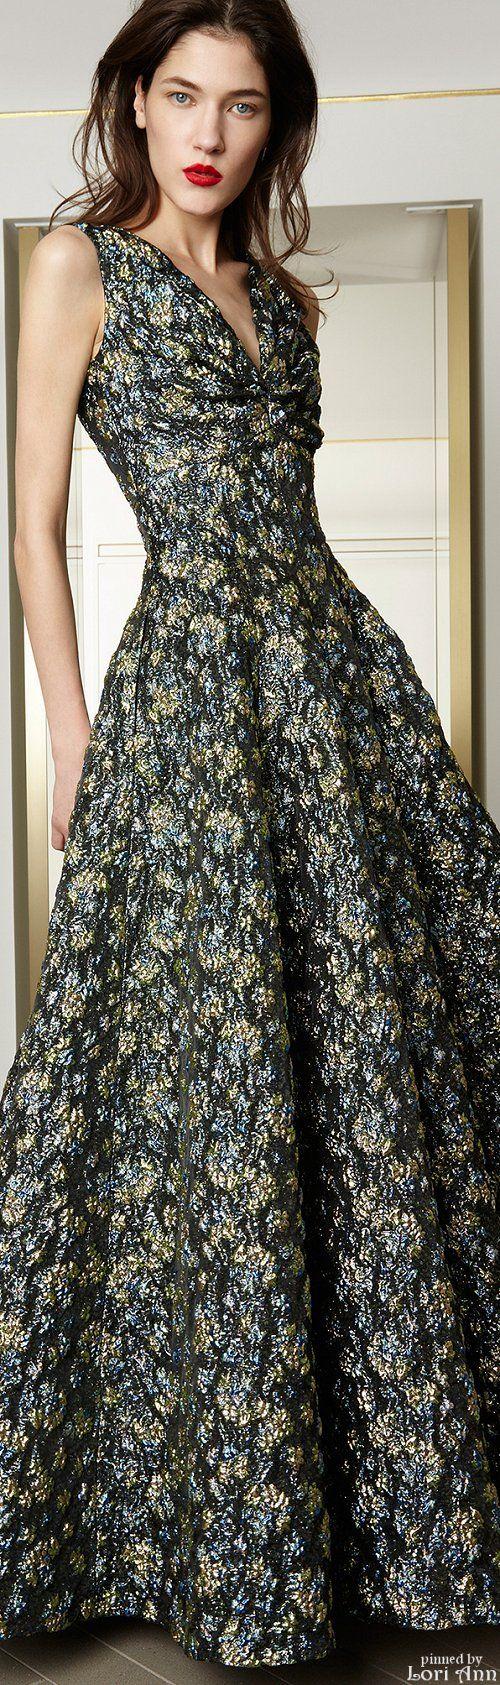 Talbot Runhof PreFall 2015 Fashion, fashion